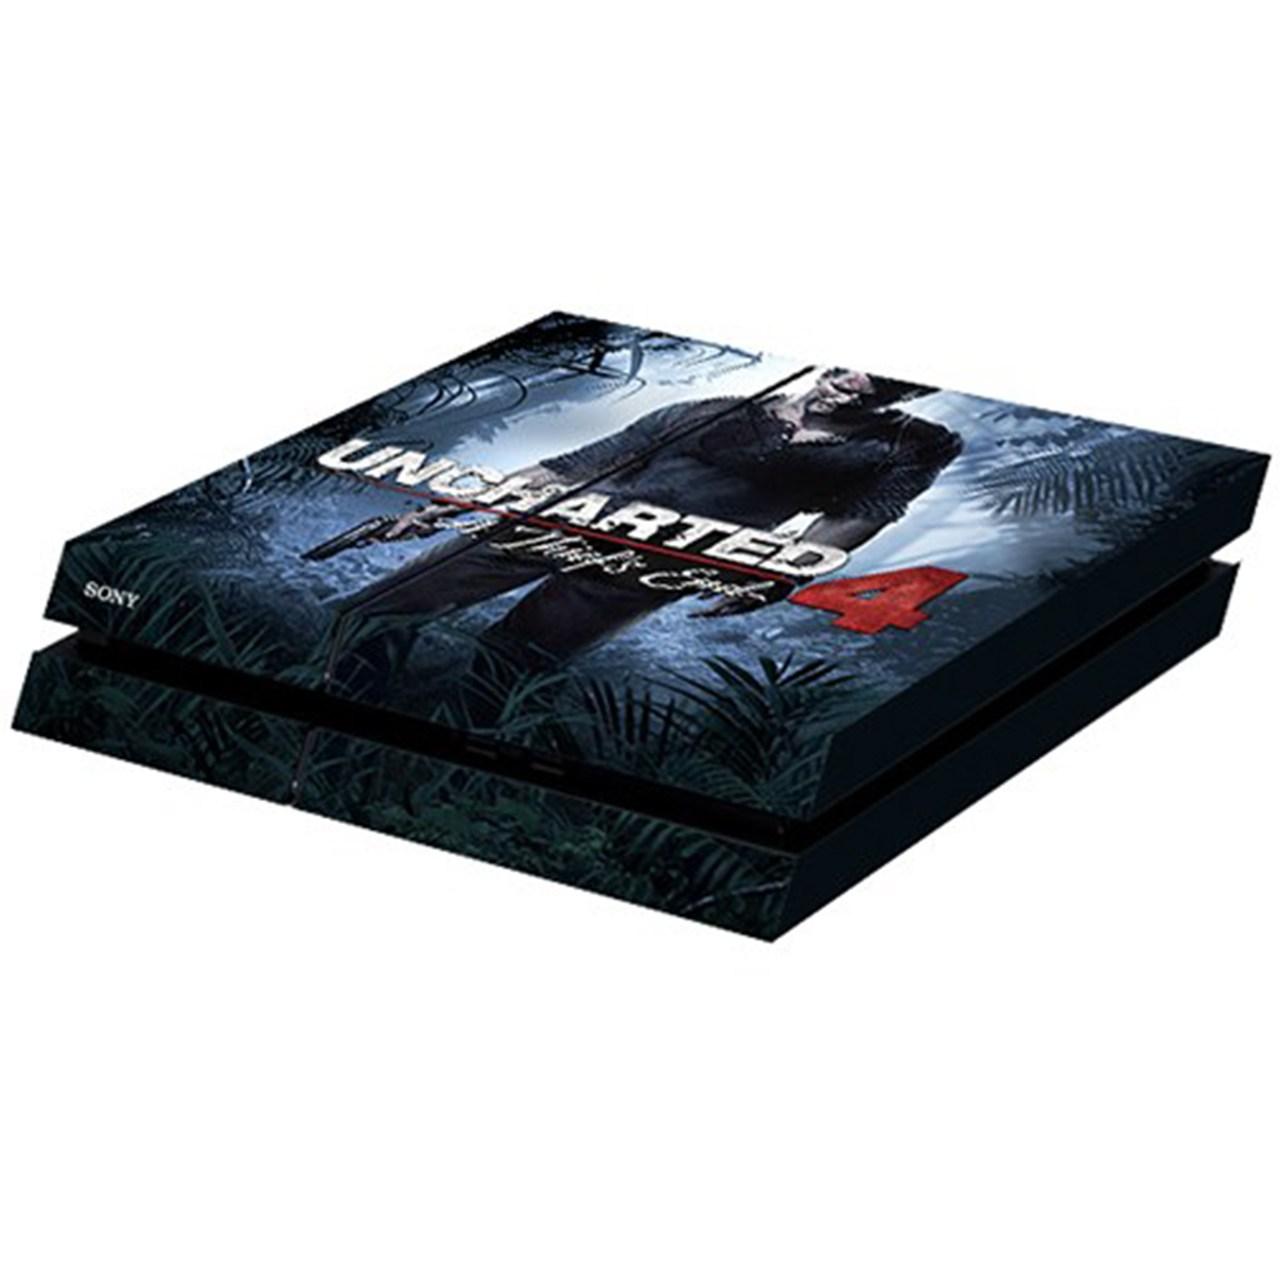 برچسب افقی پلی استیشن 4 ونسونی طرح Uncharted 4